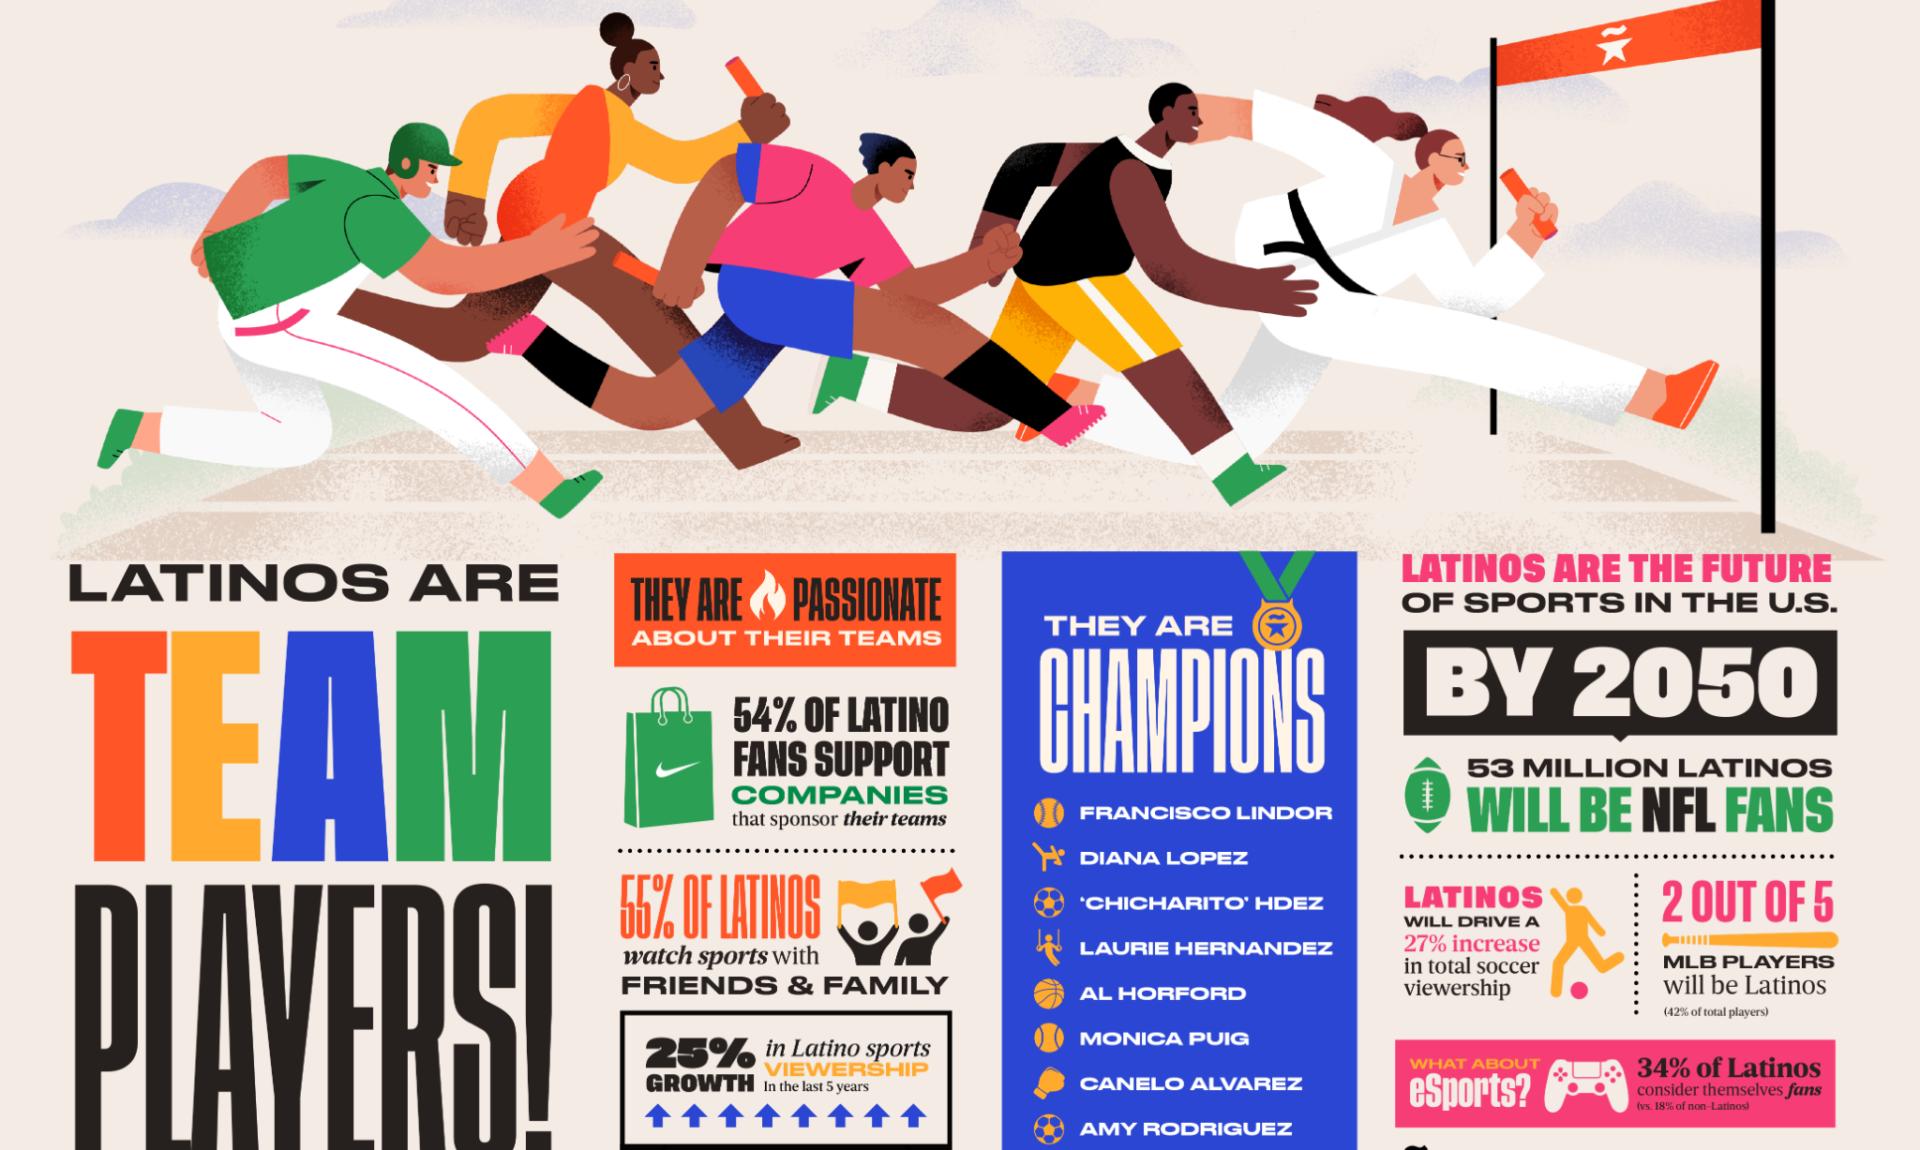 Latinos-are-team-players